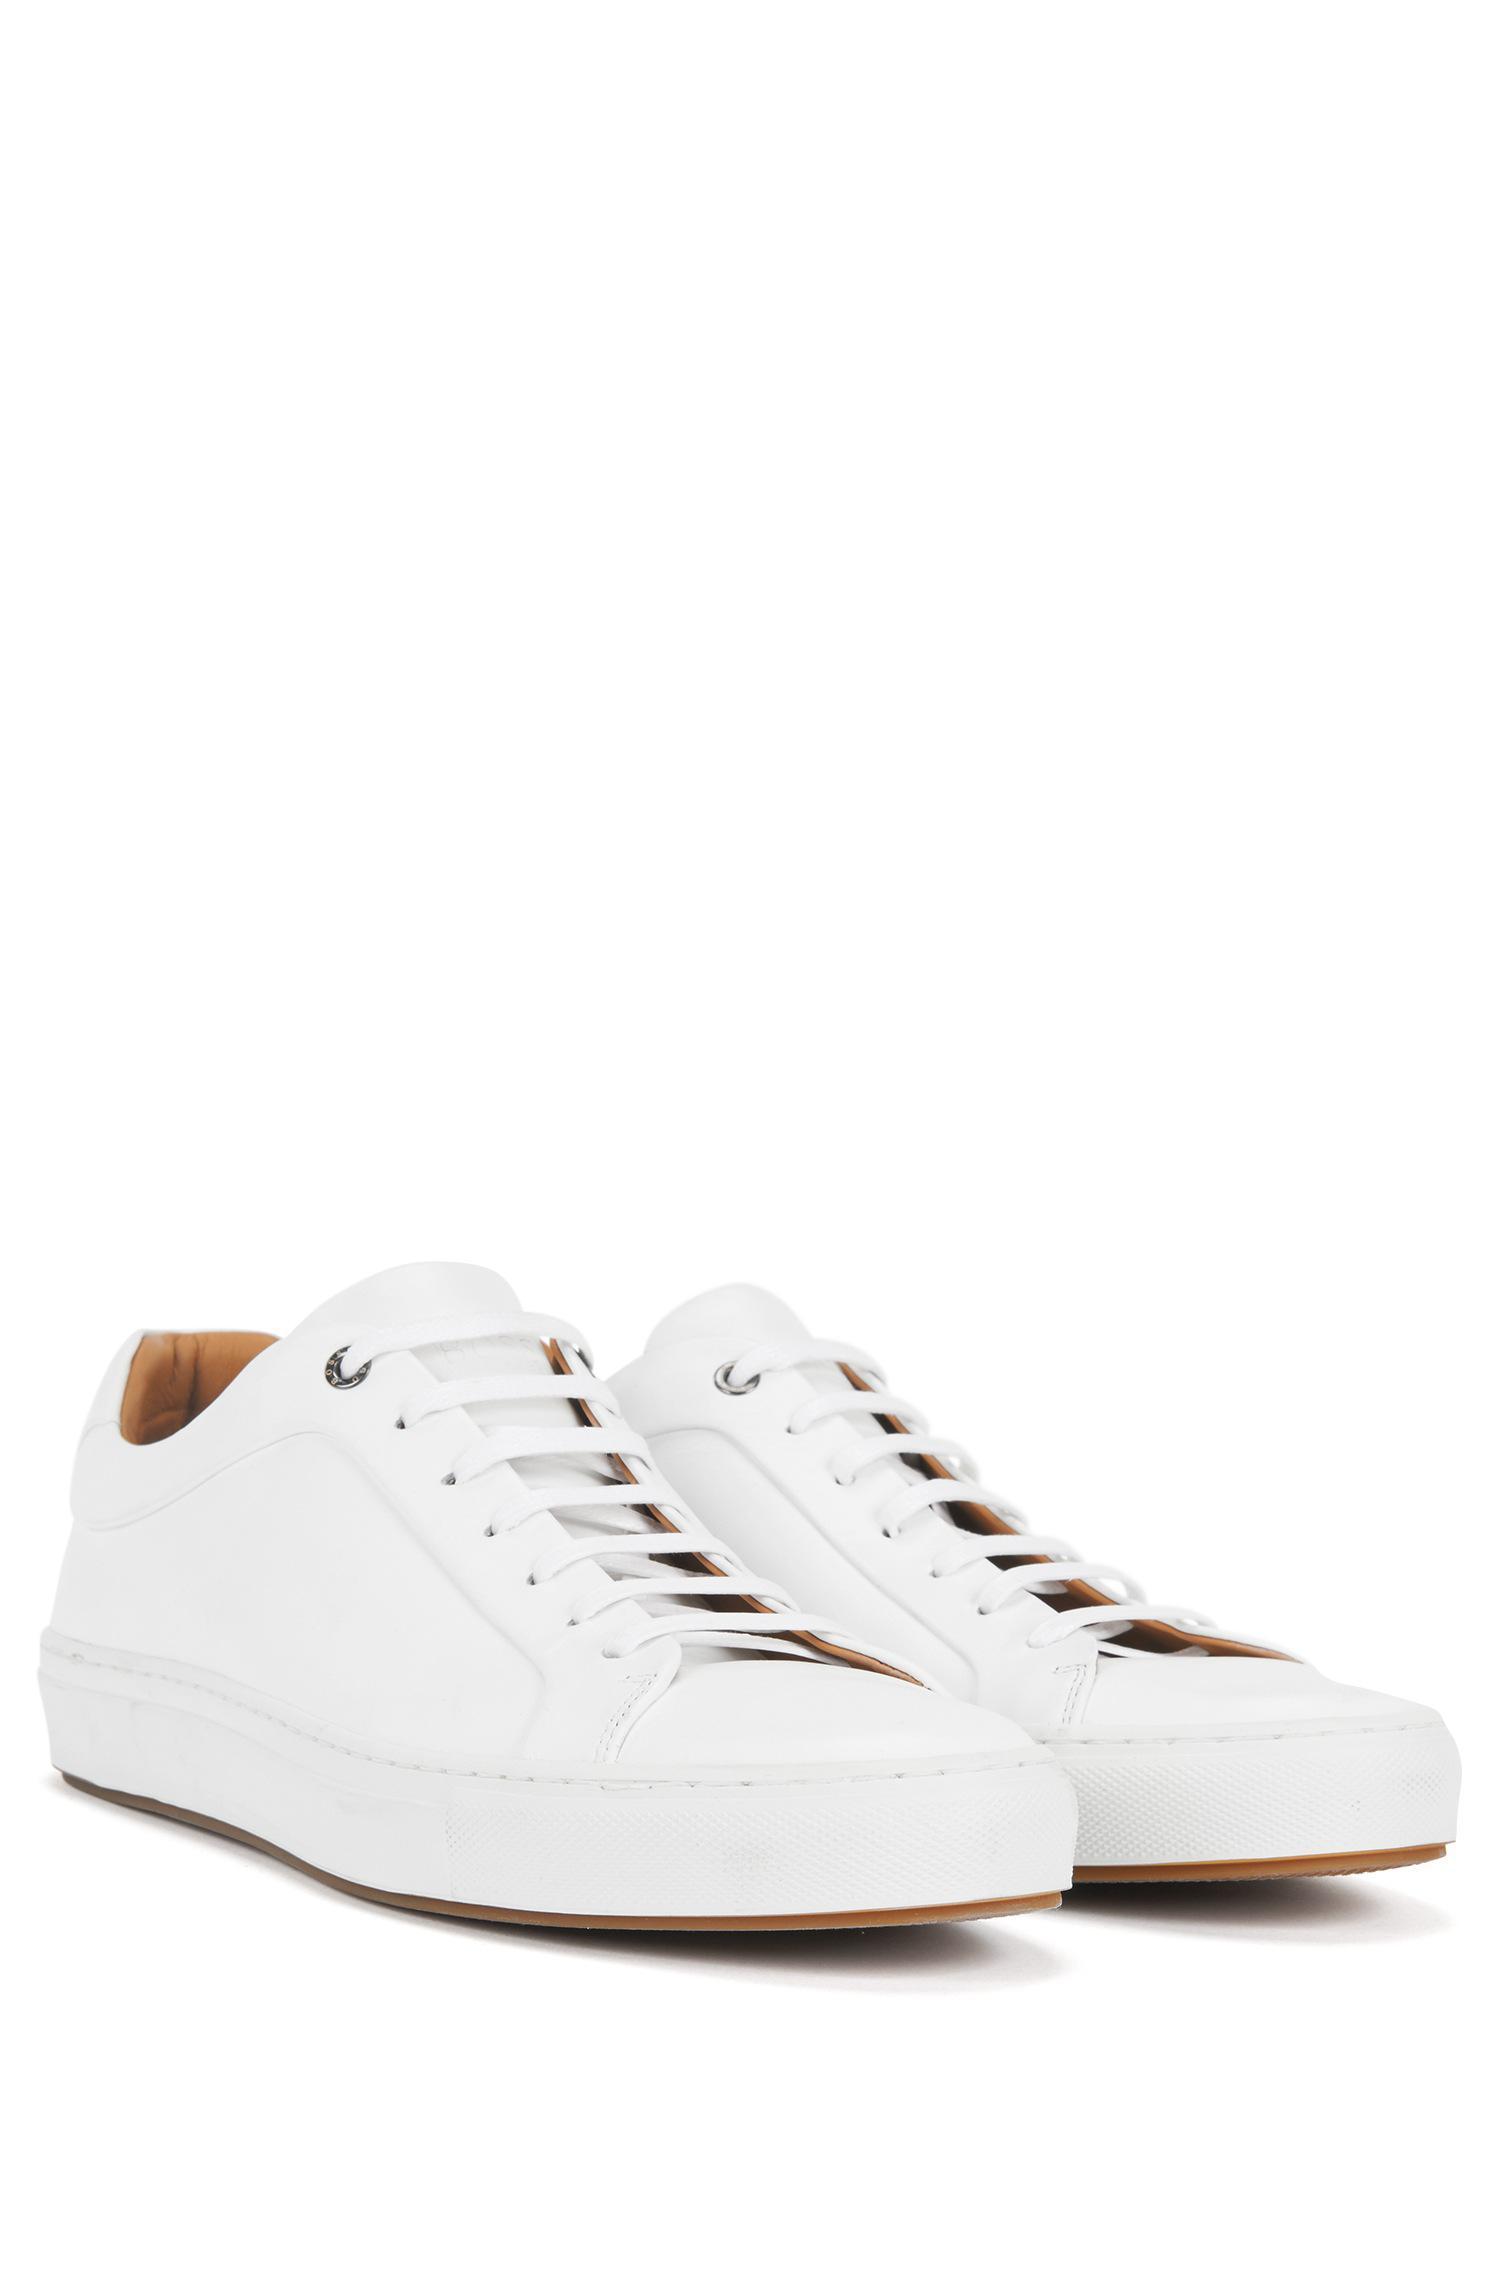 Rabatt-Ansicht BOSS - Sneaker low - bone/white Mit Paypal Bezahlen Verkauf 2018 Neueste Nagelneu Unisex Zum Verkauf n08rGER